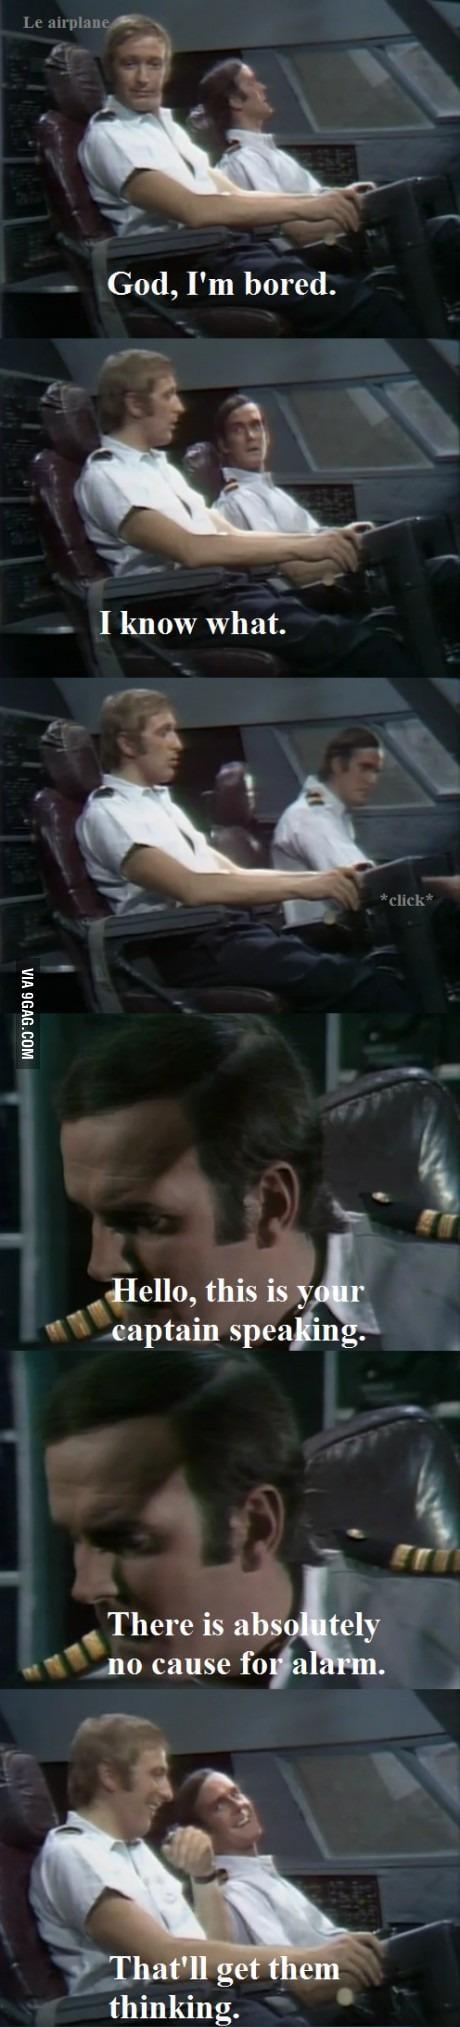 Naughty Pilots